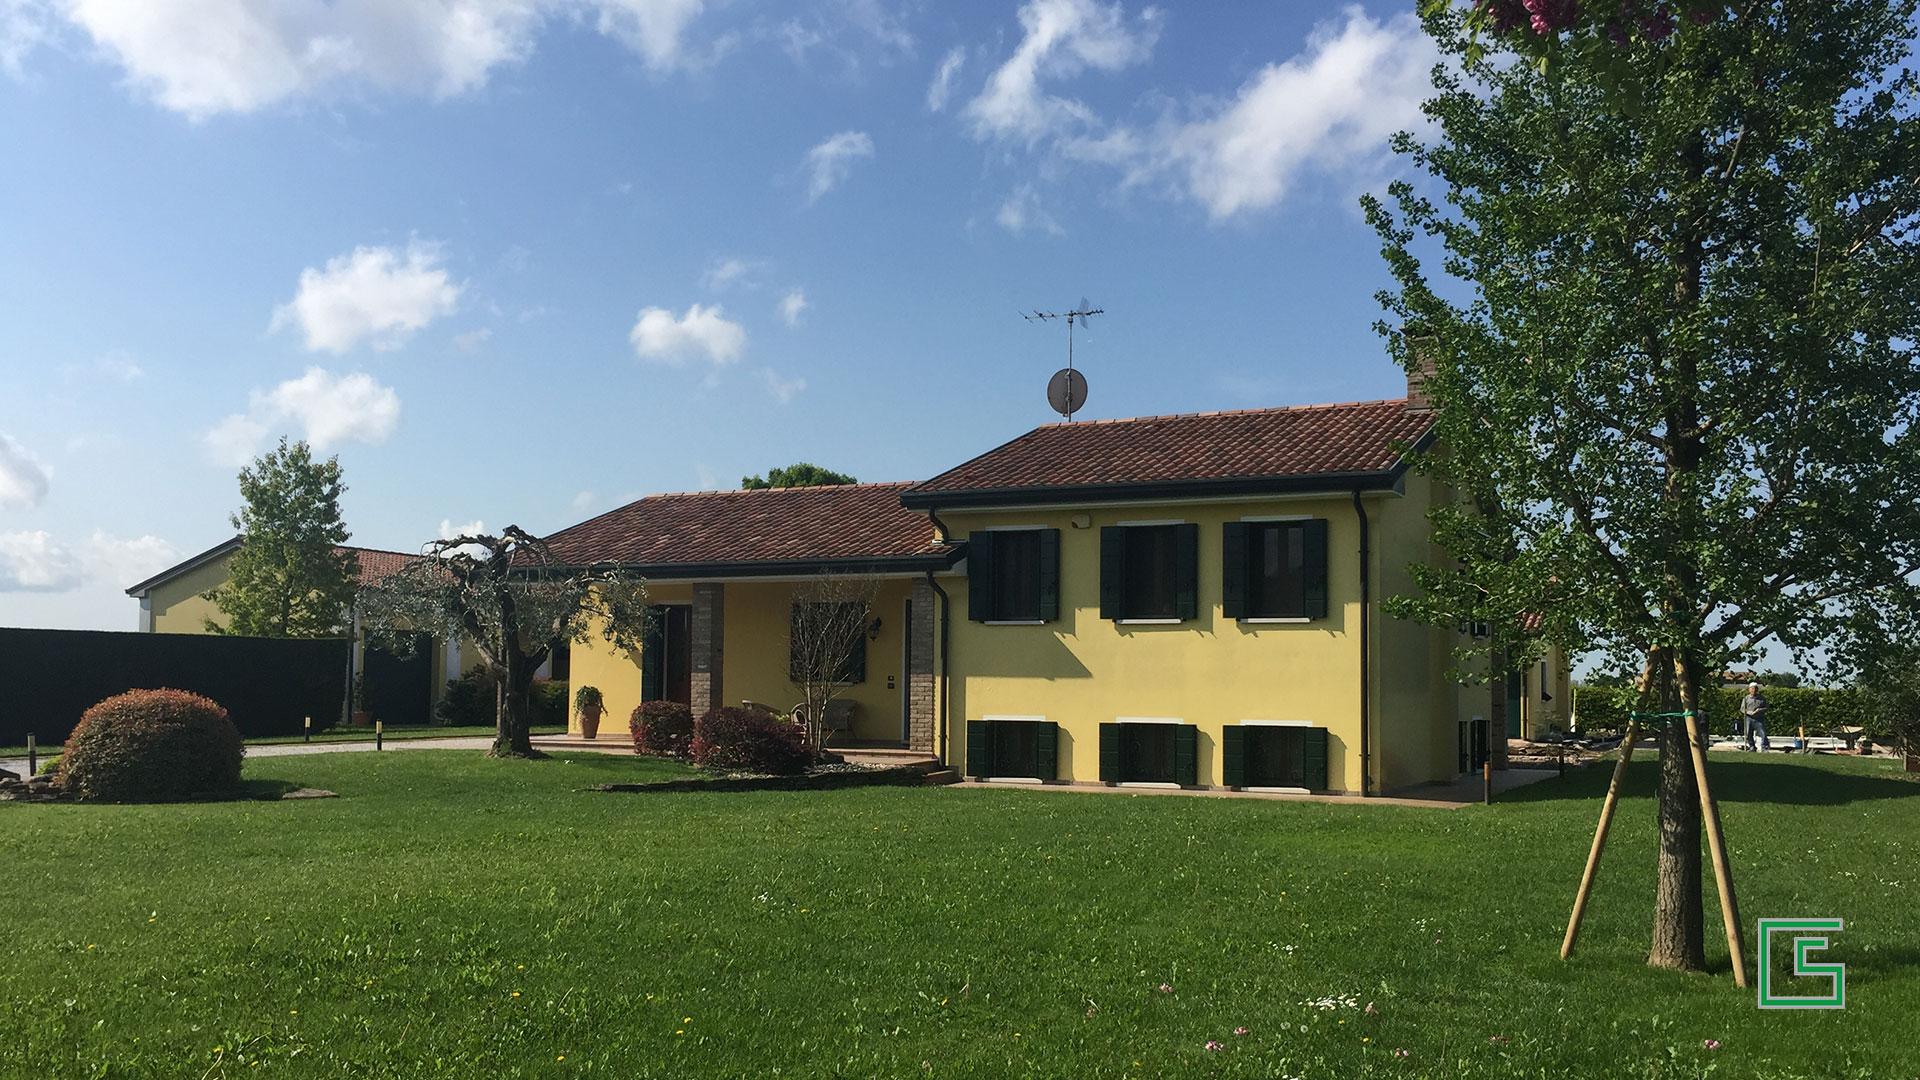 Casa singola Candiana demolizione e ricostruzione studio tecnico geometra Schiavon